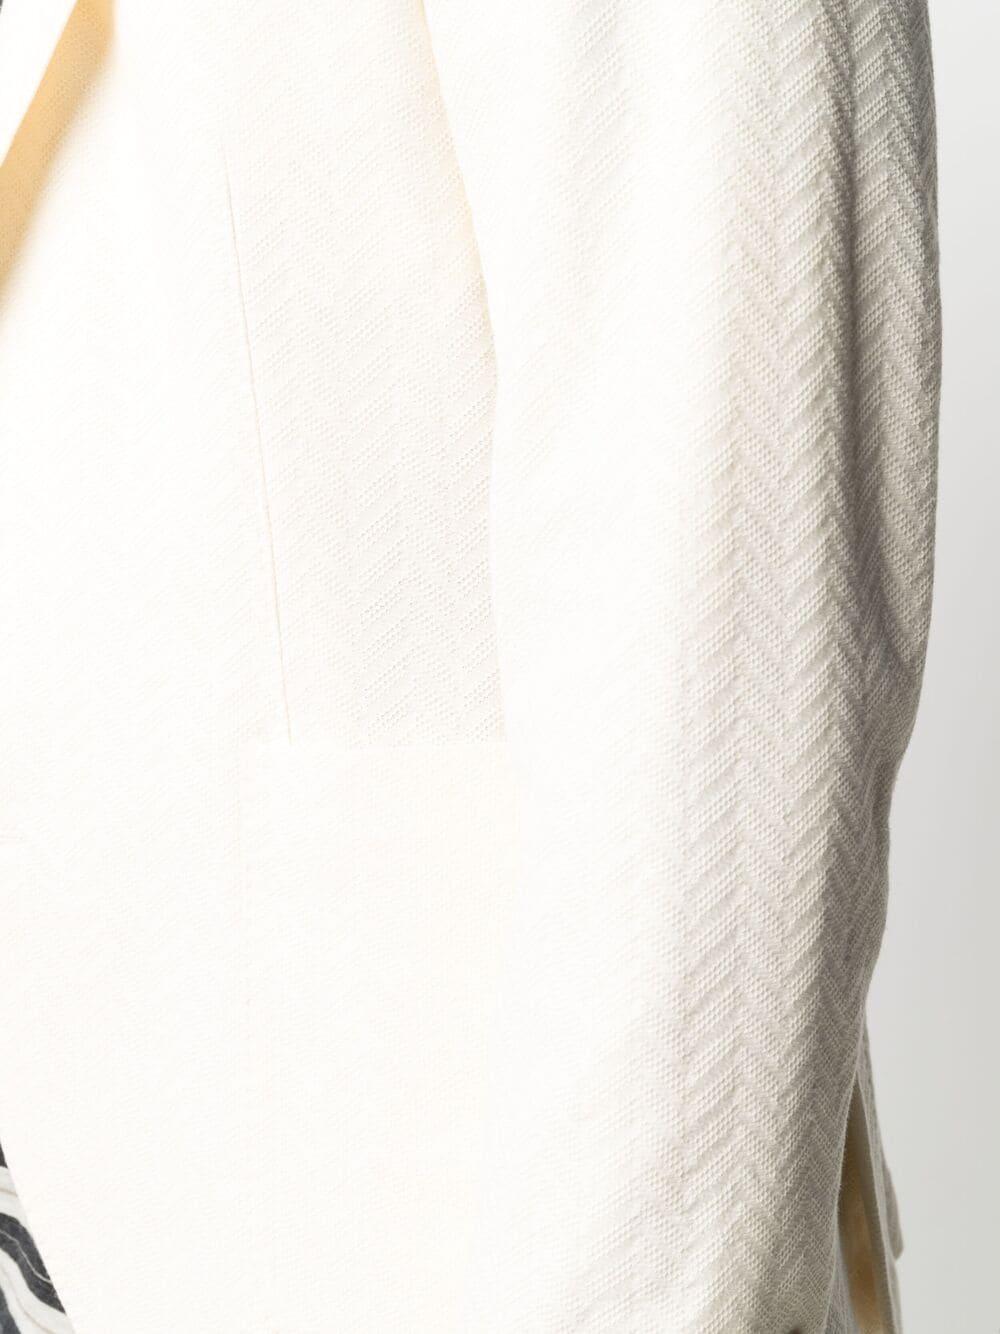 Cream cotton-blend zigzag-textured blazer  MANUEL RITZ      3032G2728M-21318803